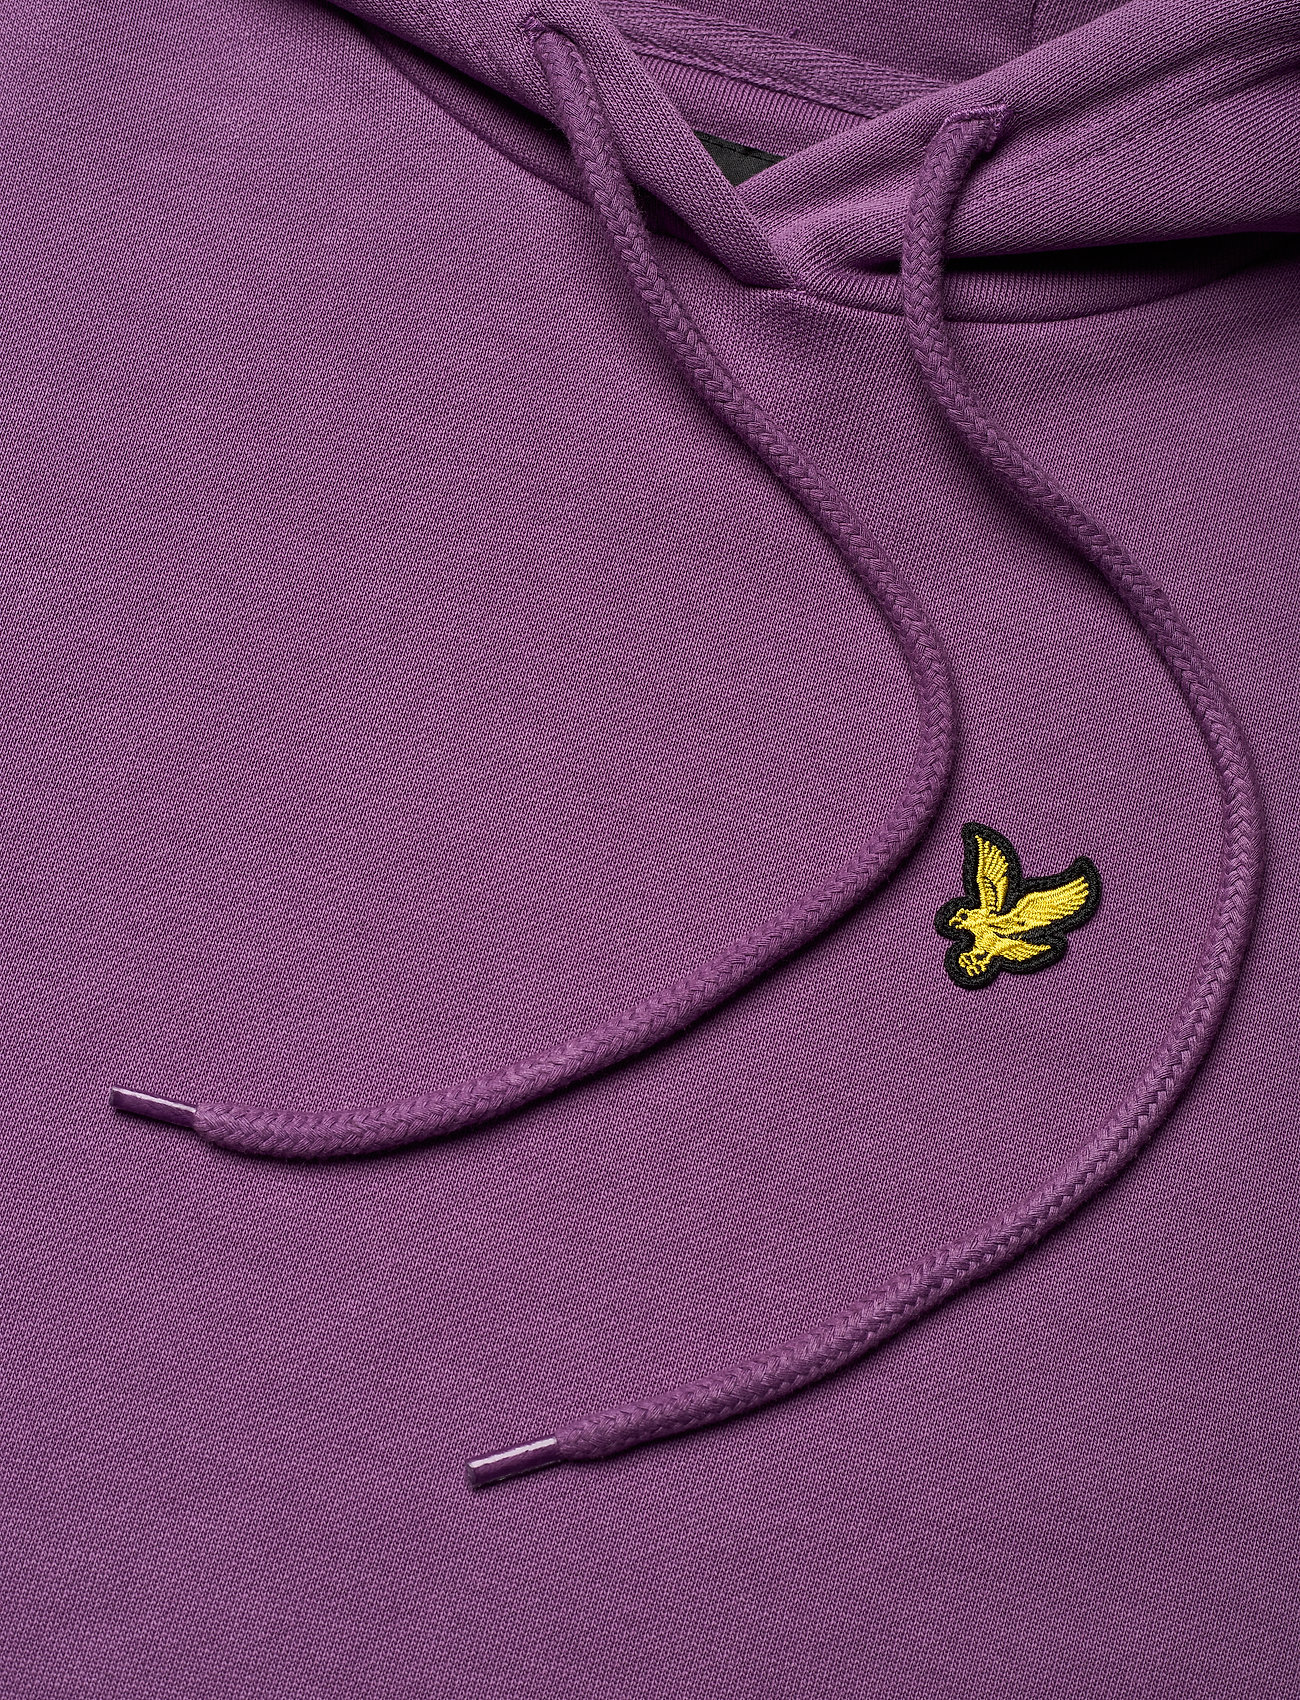 Lyle & Scott - Hoodie - sweatshirts & hoodies - dark thistle - 2